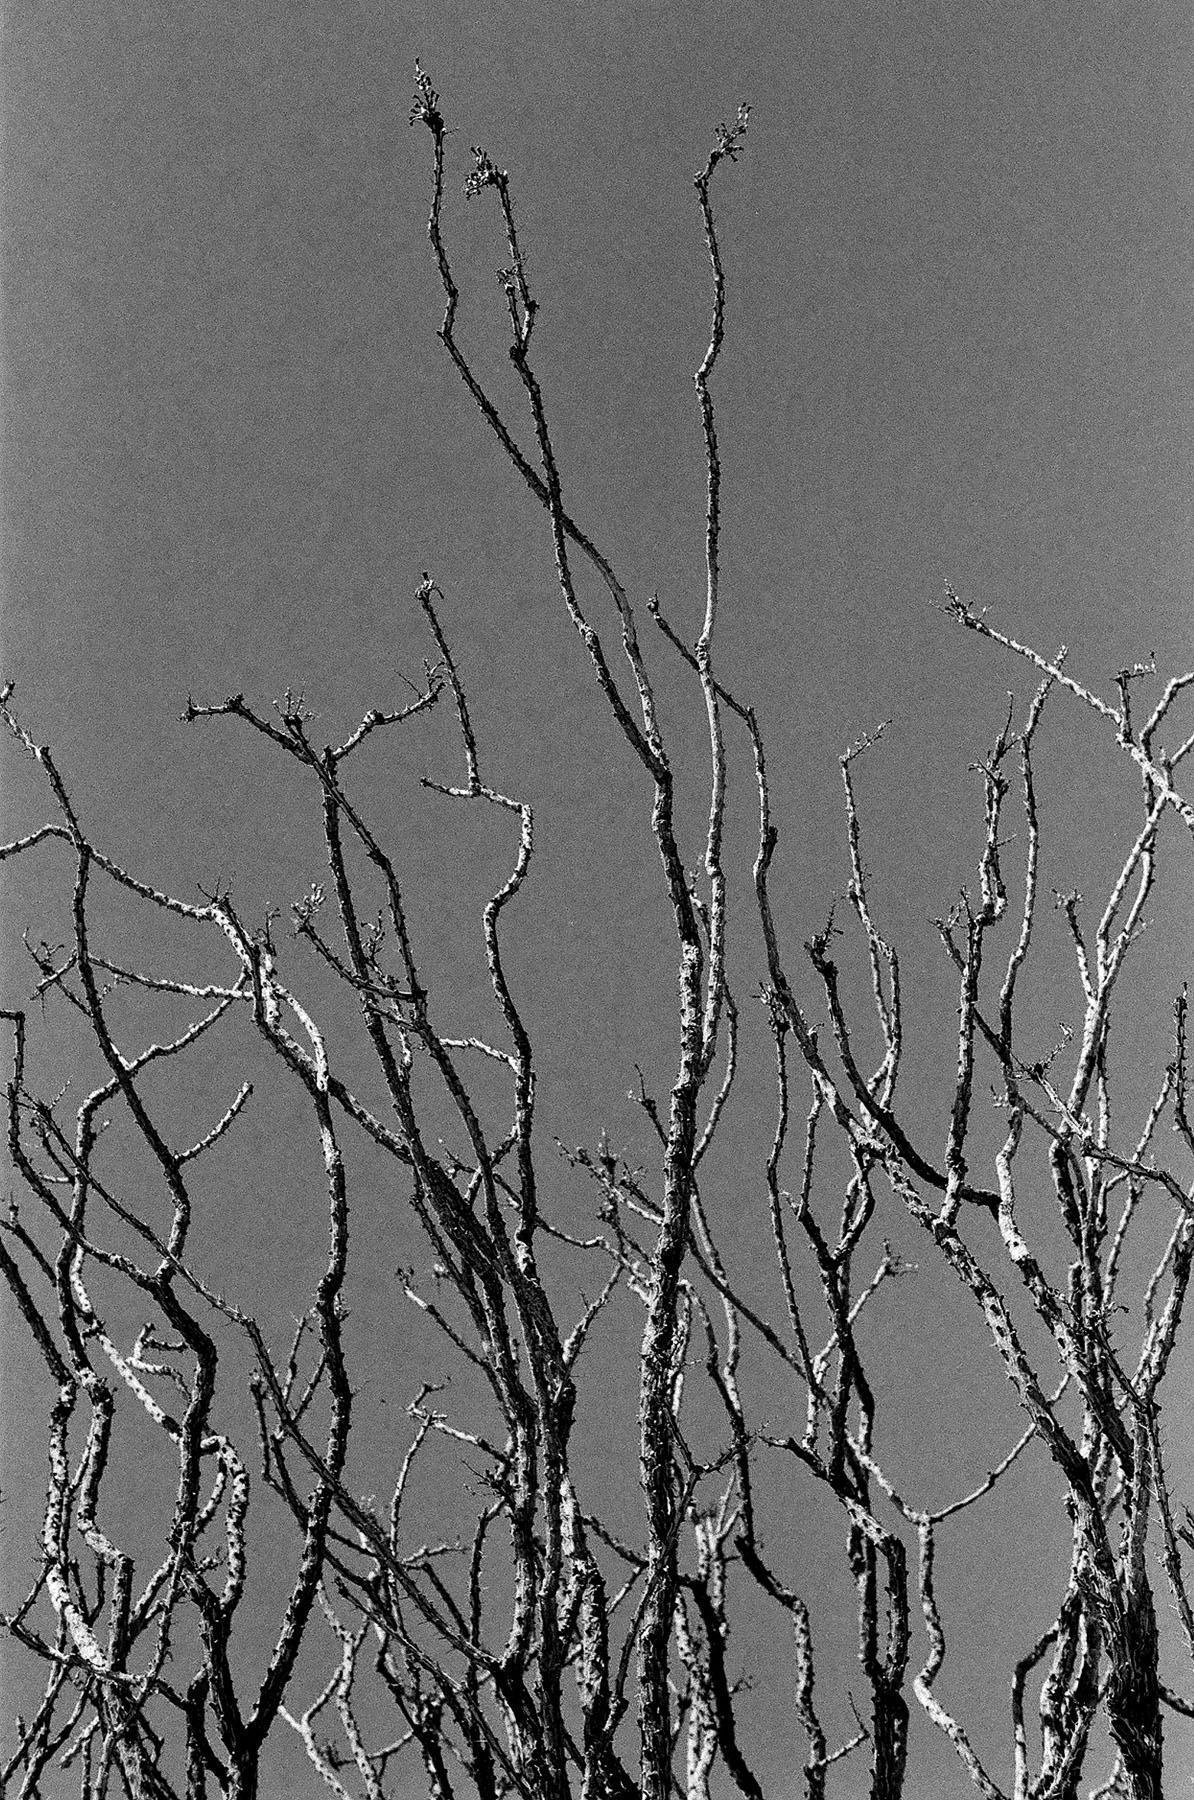 +Anza-Borrego-Cactus-04.jpg